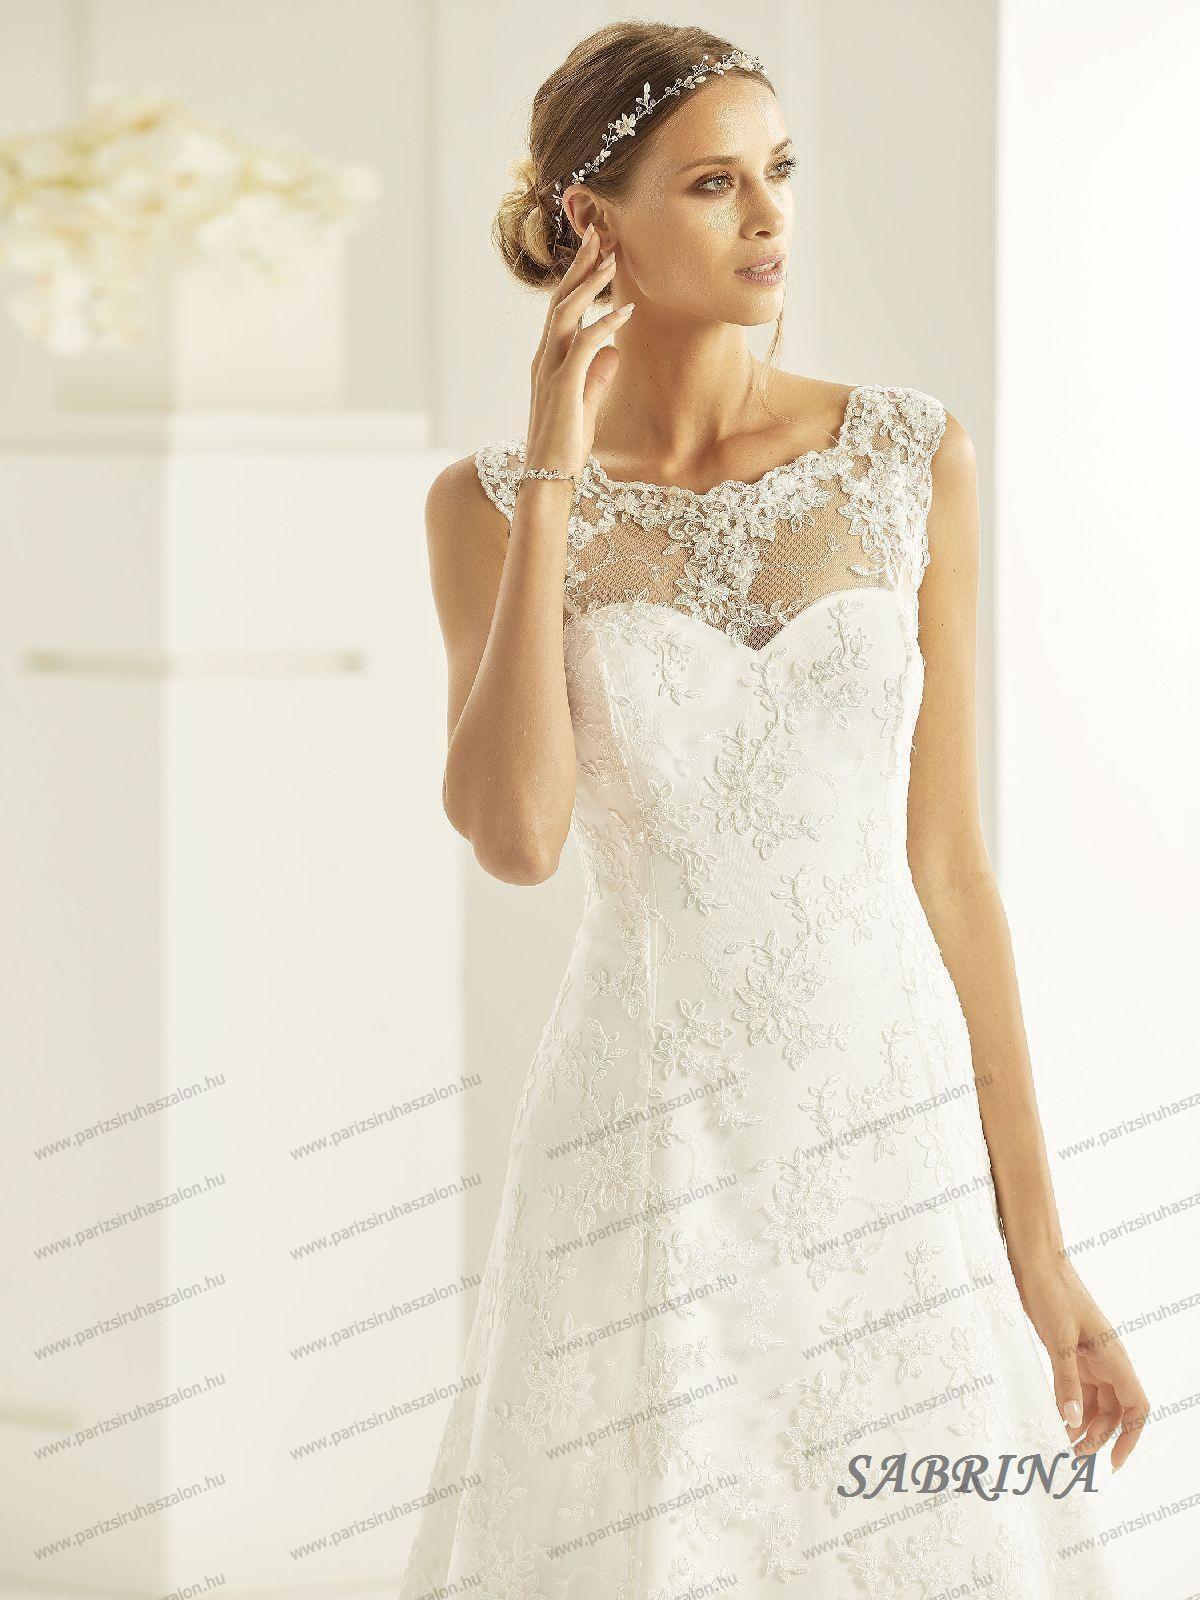 ebc457f36b SABRINA menyasszonyi ruha | BIANCO EVENTO német hosszú, és rövid menyasszonyi  ruhák. (cikkszám: SABRINA menyasszonyi ruha)